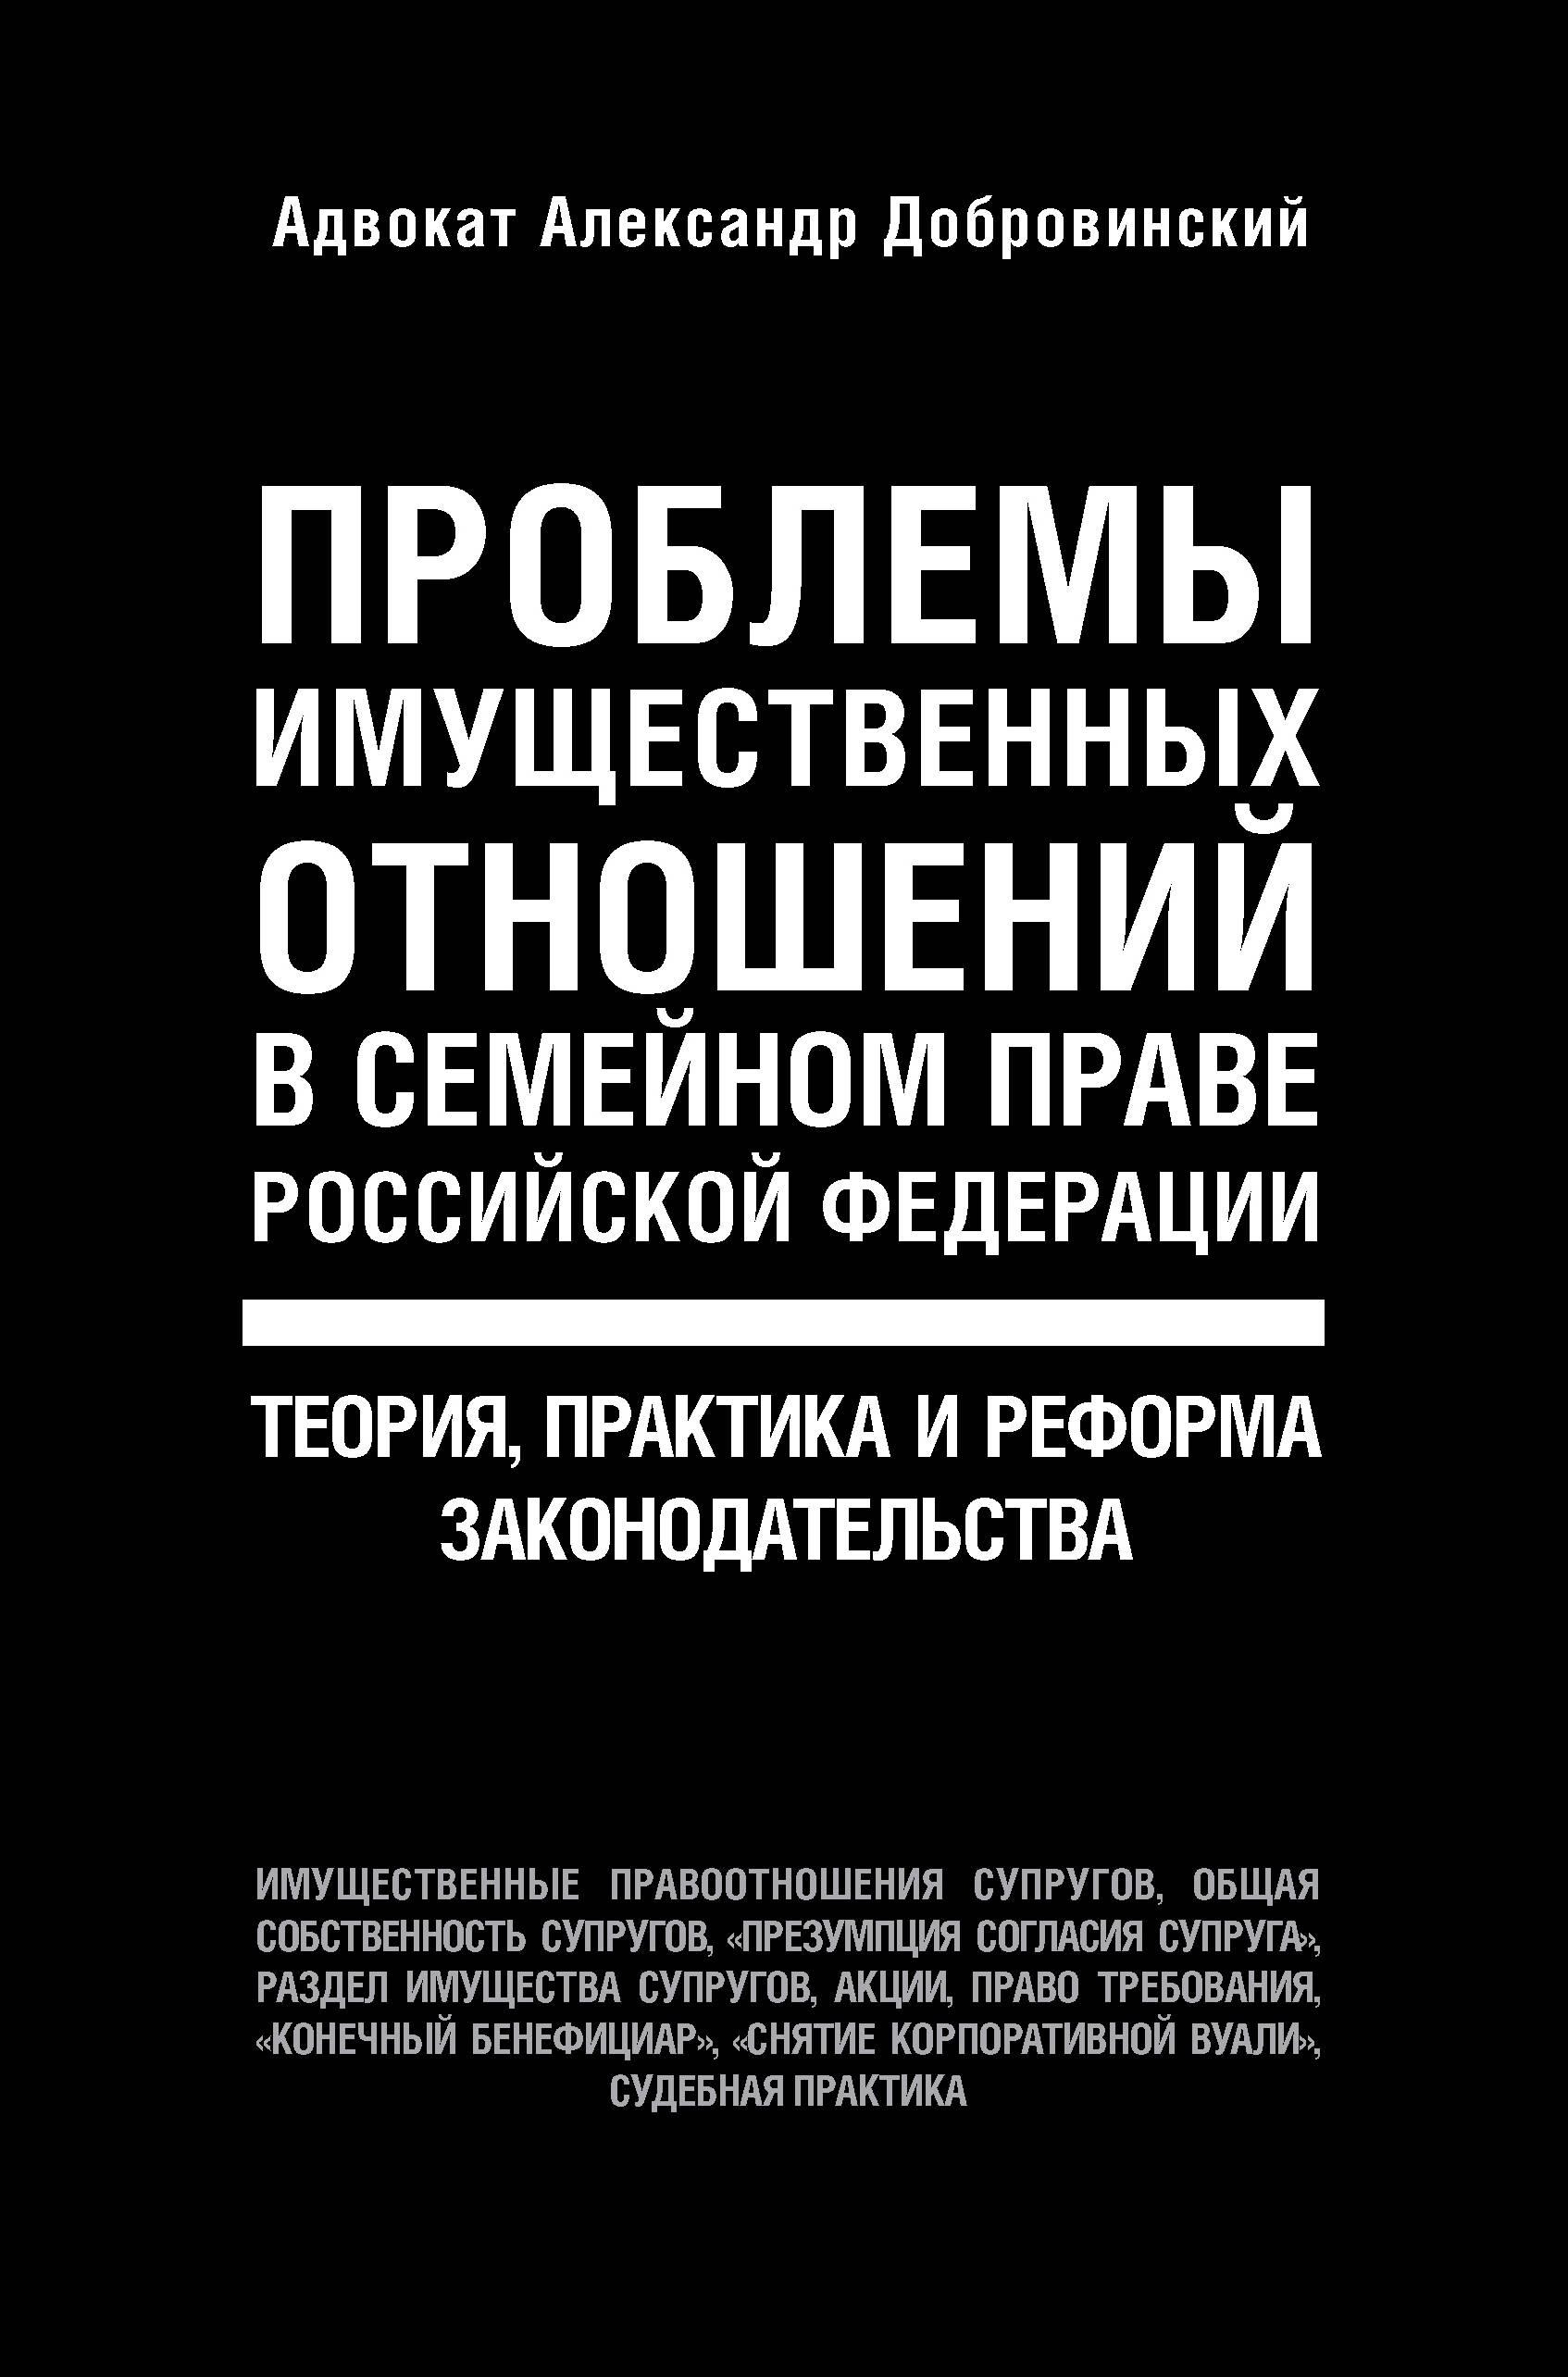 Проблемы имущественных отношений в семейном праве Российской Федерации. Теория, практика и реформа законодательства